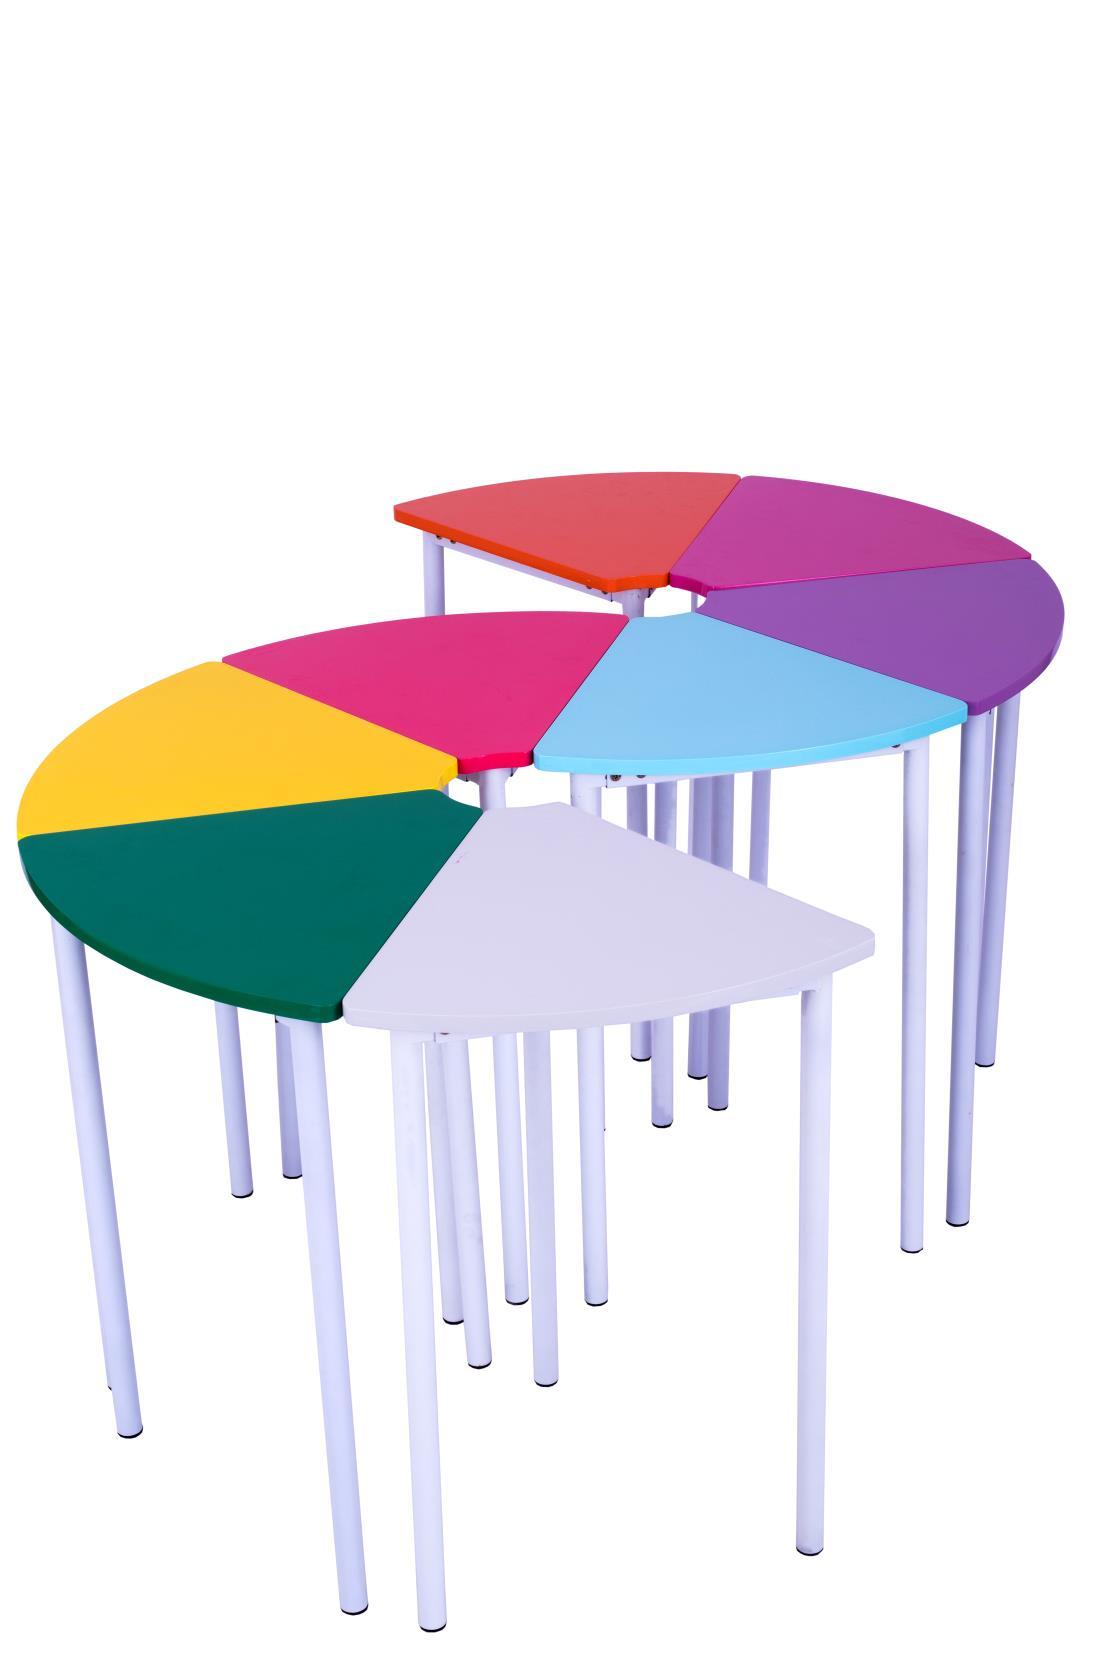 团体活动桌椅(套装)